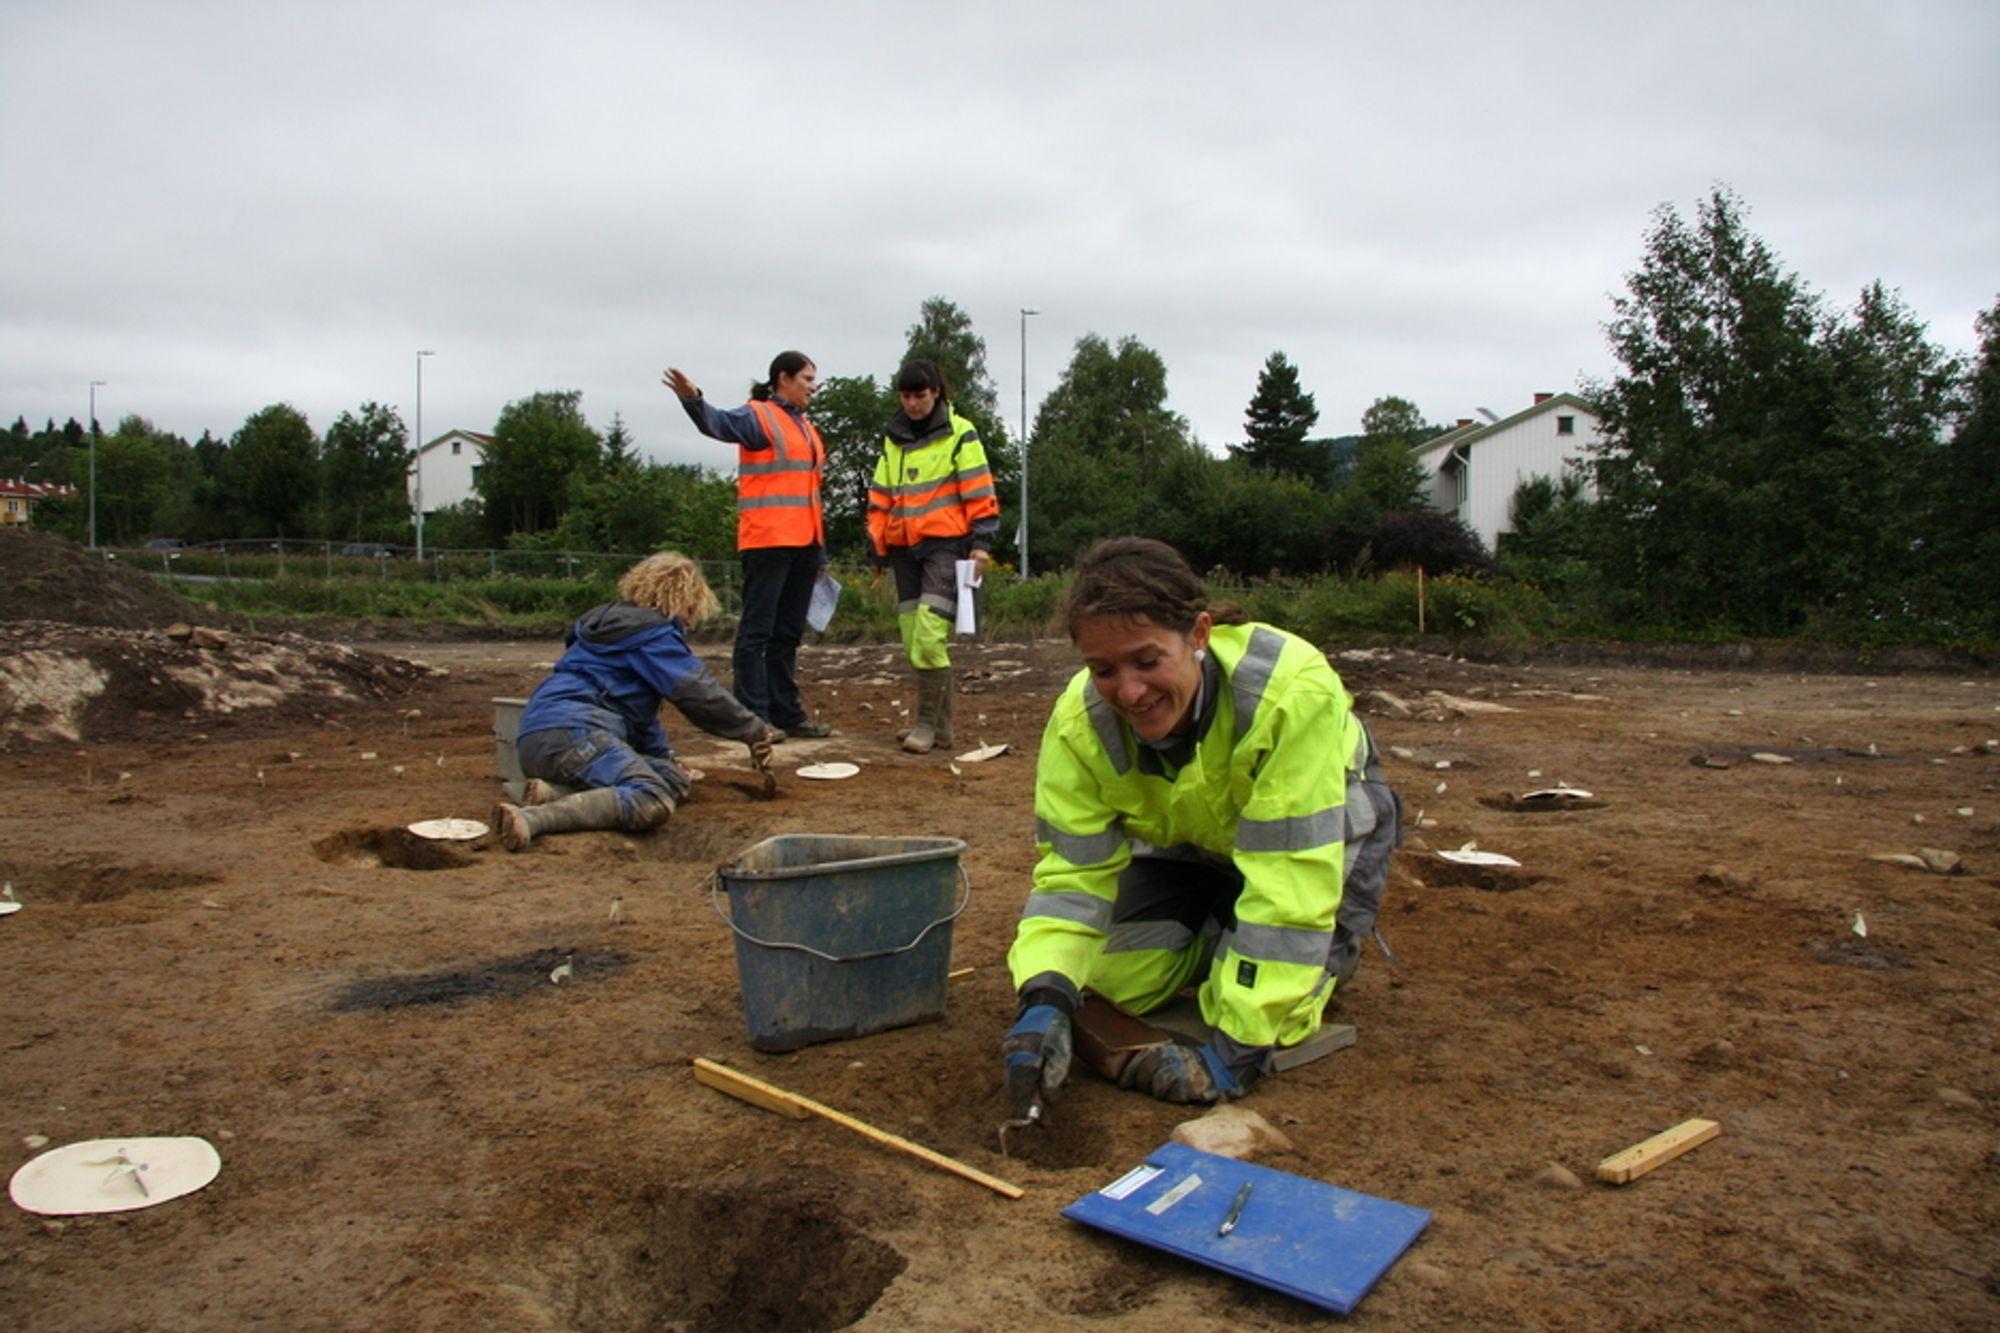 KULL: Doktorand i arkeologi, Lene Melheim, graver fram et stolpehull på Huseby. Stavene som holdt taket ble svidd i enden for ikke å råtne så fort. Derfor finner arkeologene kull i stolpehull som hjelper til å tidfeste bosettingen.